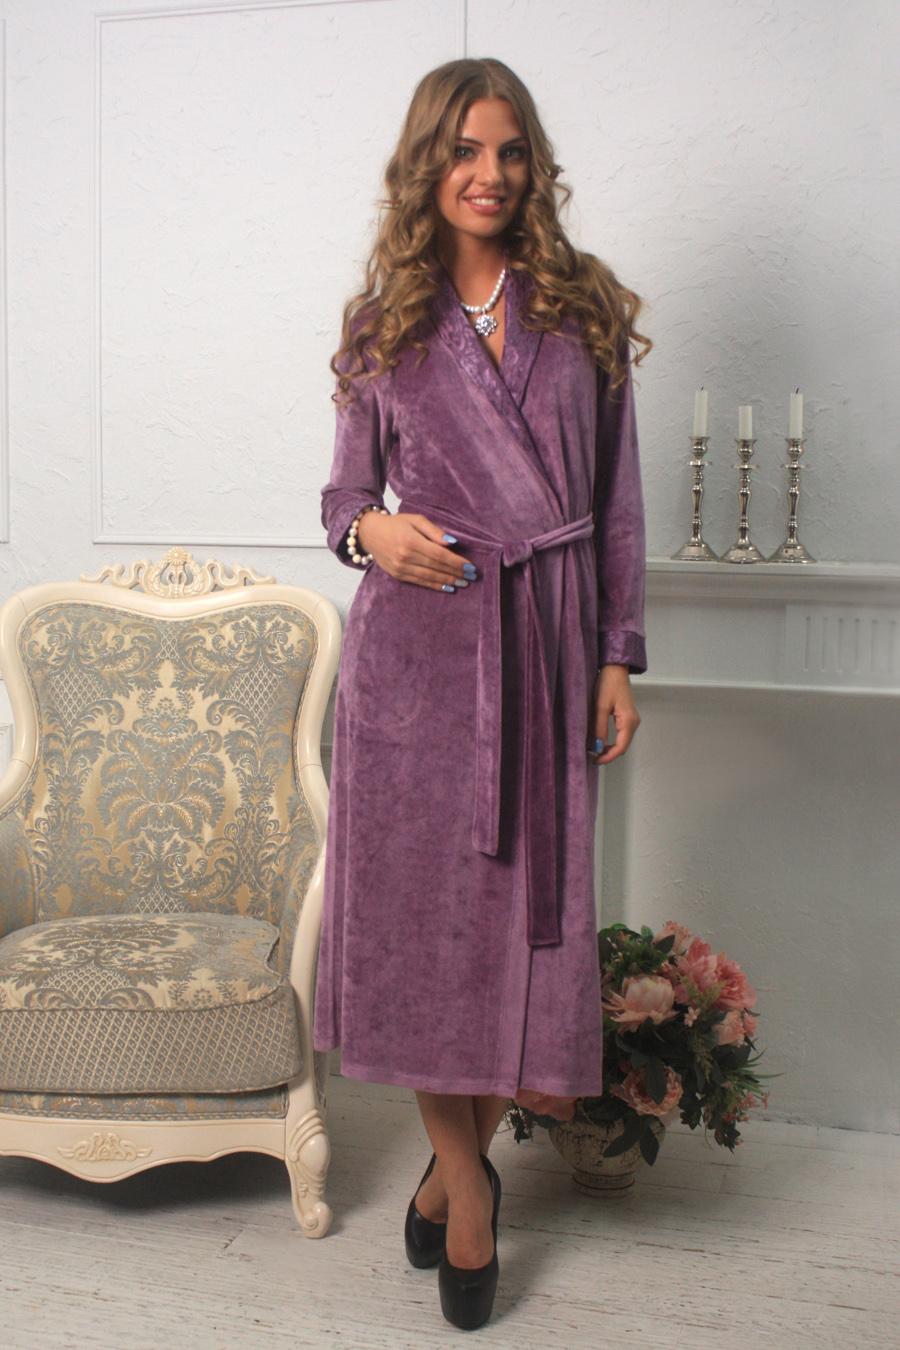 Халат454Элегантный женский халат Five Wien Home Roshel изготовлен из велюрового бамбука и полиэстера. Шалька и манжеты декорированы эффектным гипюровым кружевом. Халат дополнен карманами и длинным поясом.